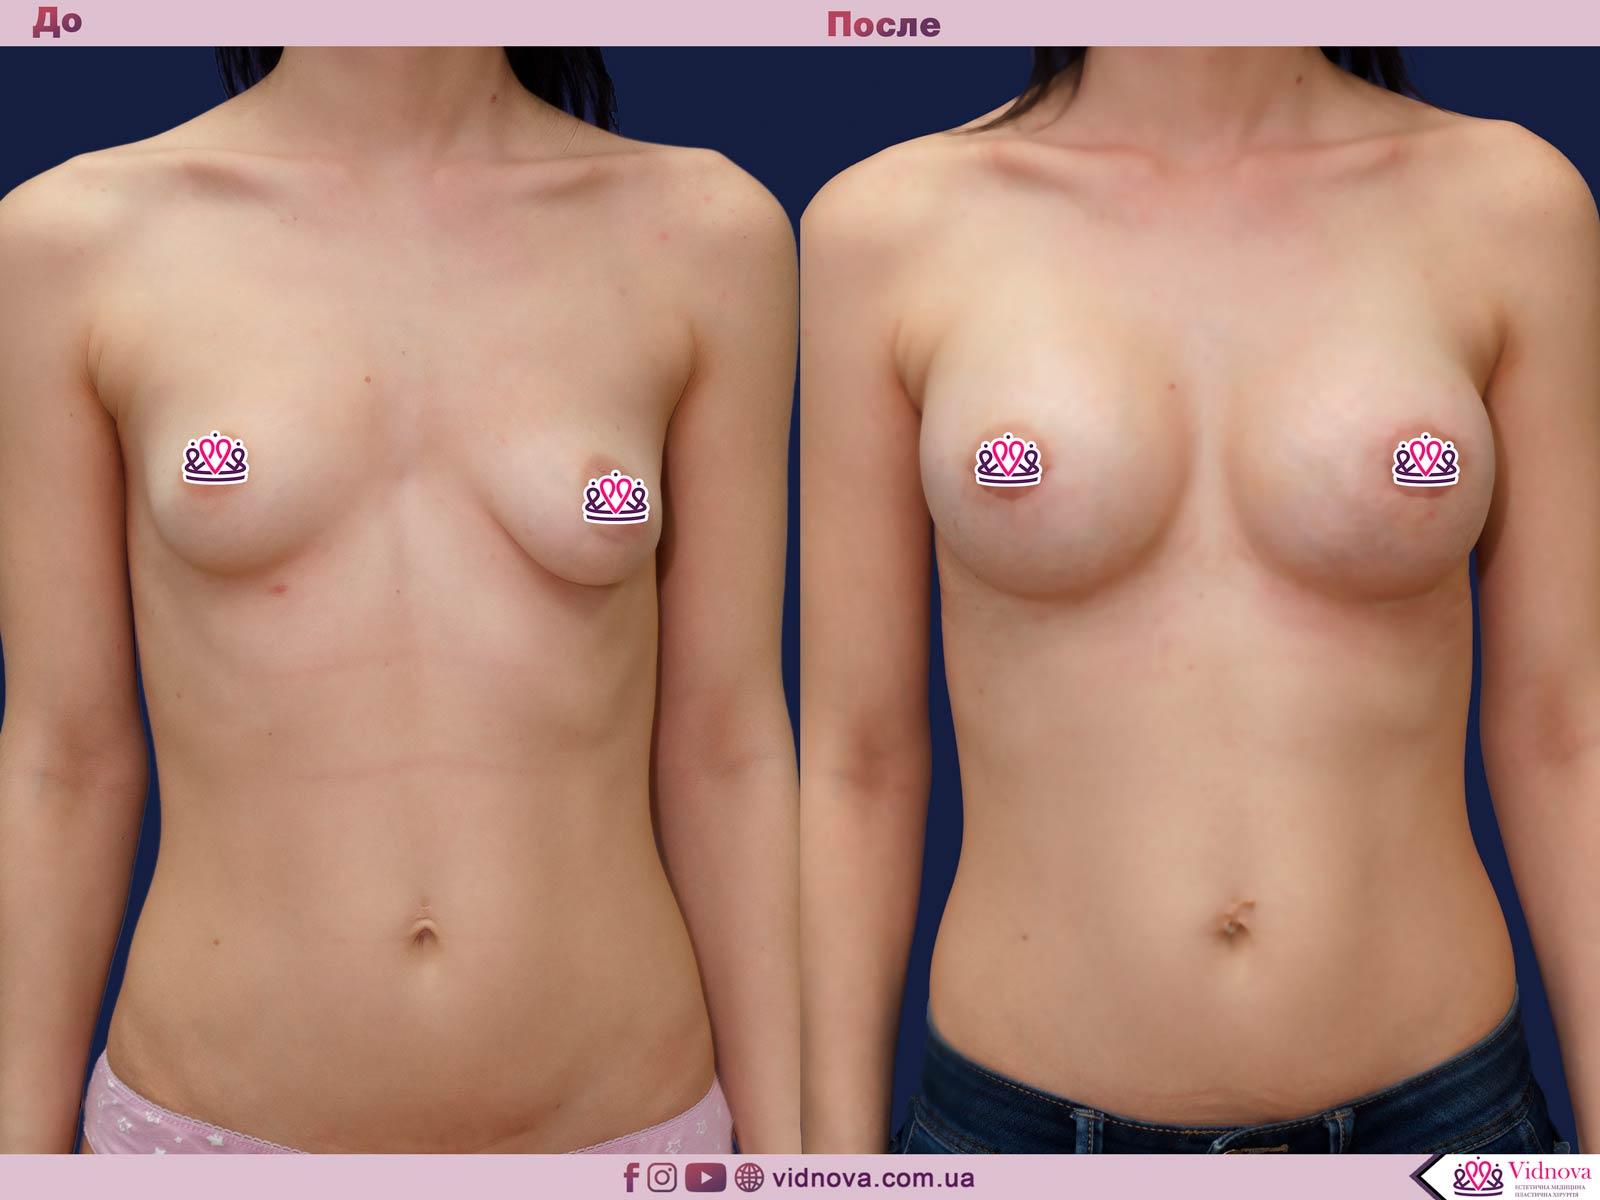 Пластика груди: результаты до и после - Пример №36-0 - Светлана Работенко